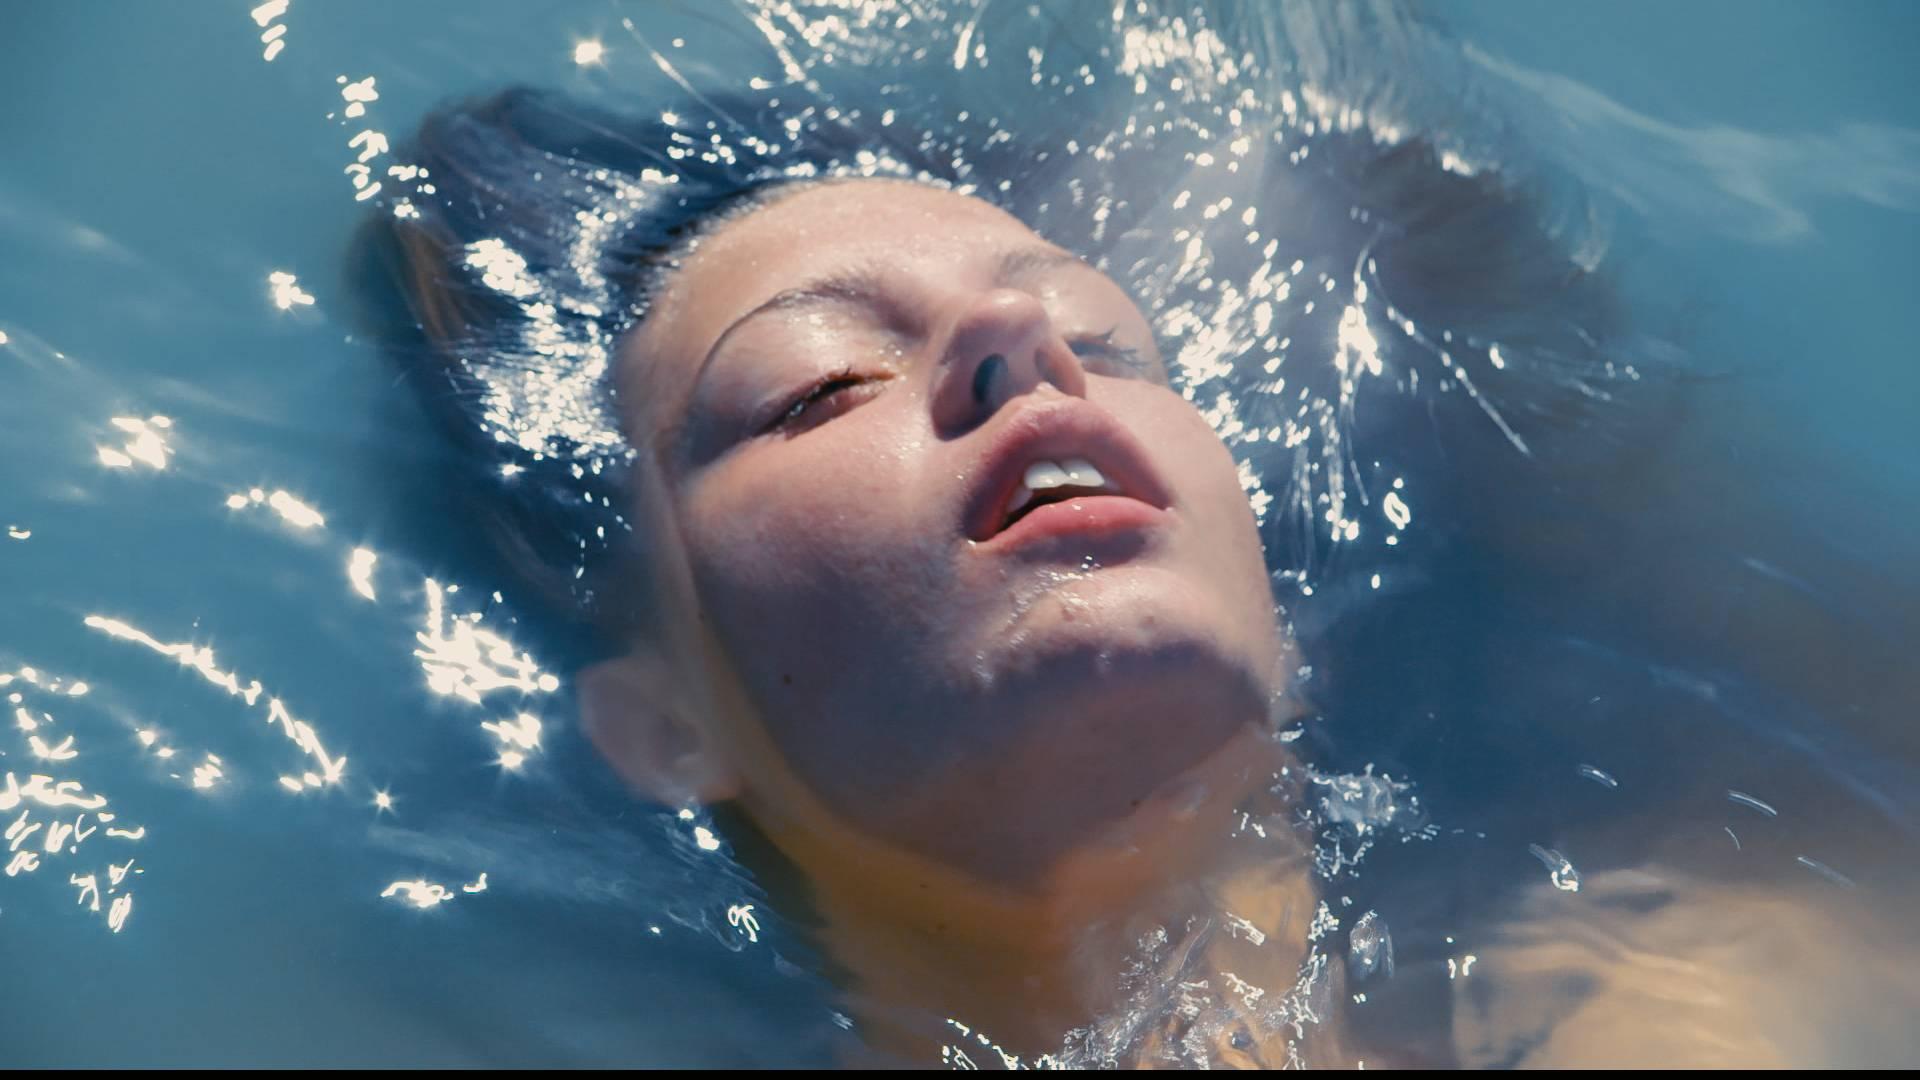 [Кадр 7]. Вода как катализатор тотальной диссолюции перед будущей кристаллизацией субъекта. Чистота и многогранность сине